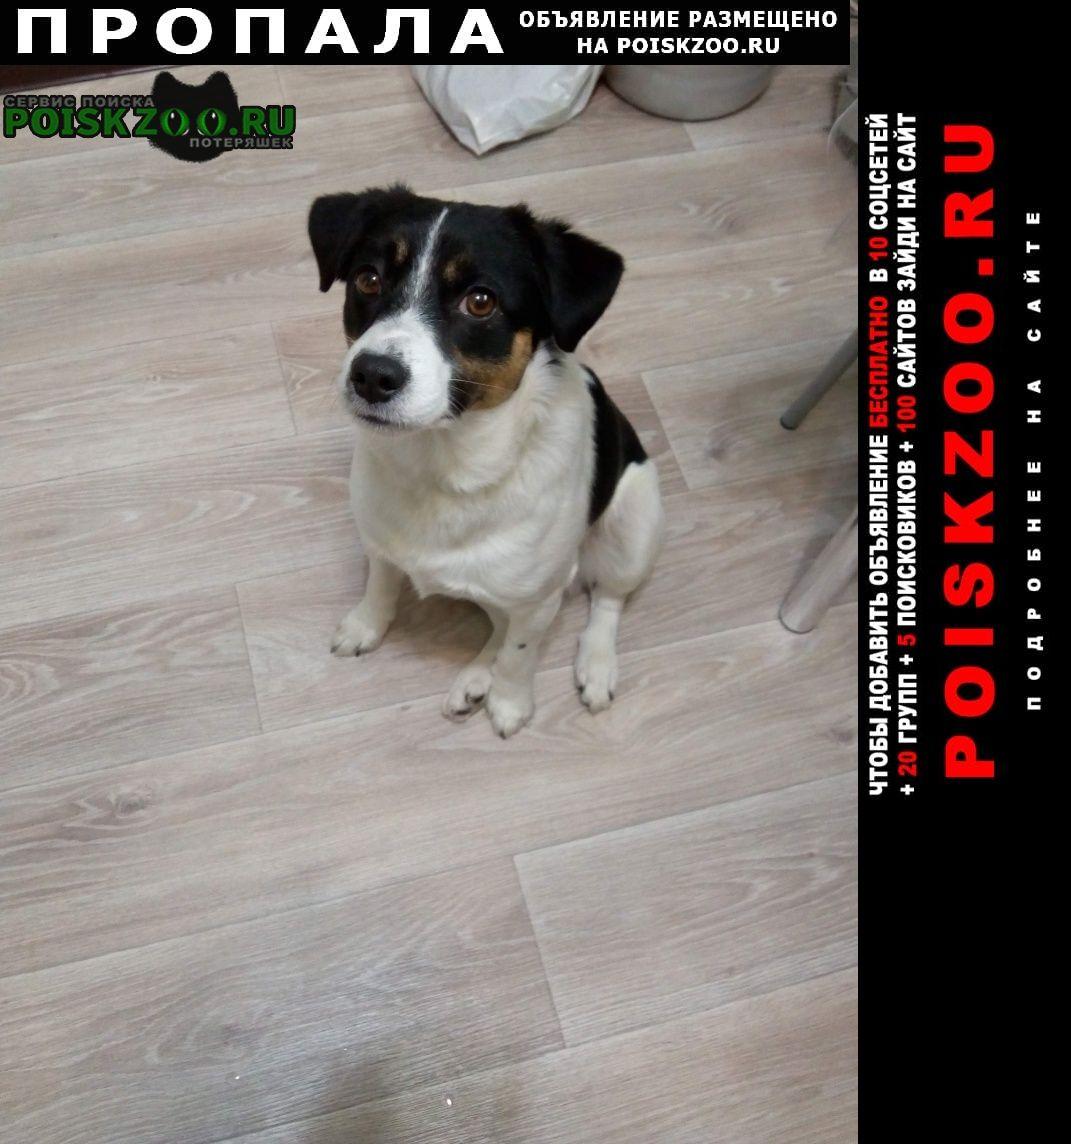 Пропала собака кобель пёс в районе сот урьево Лангепас